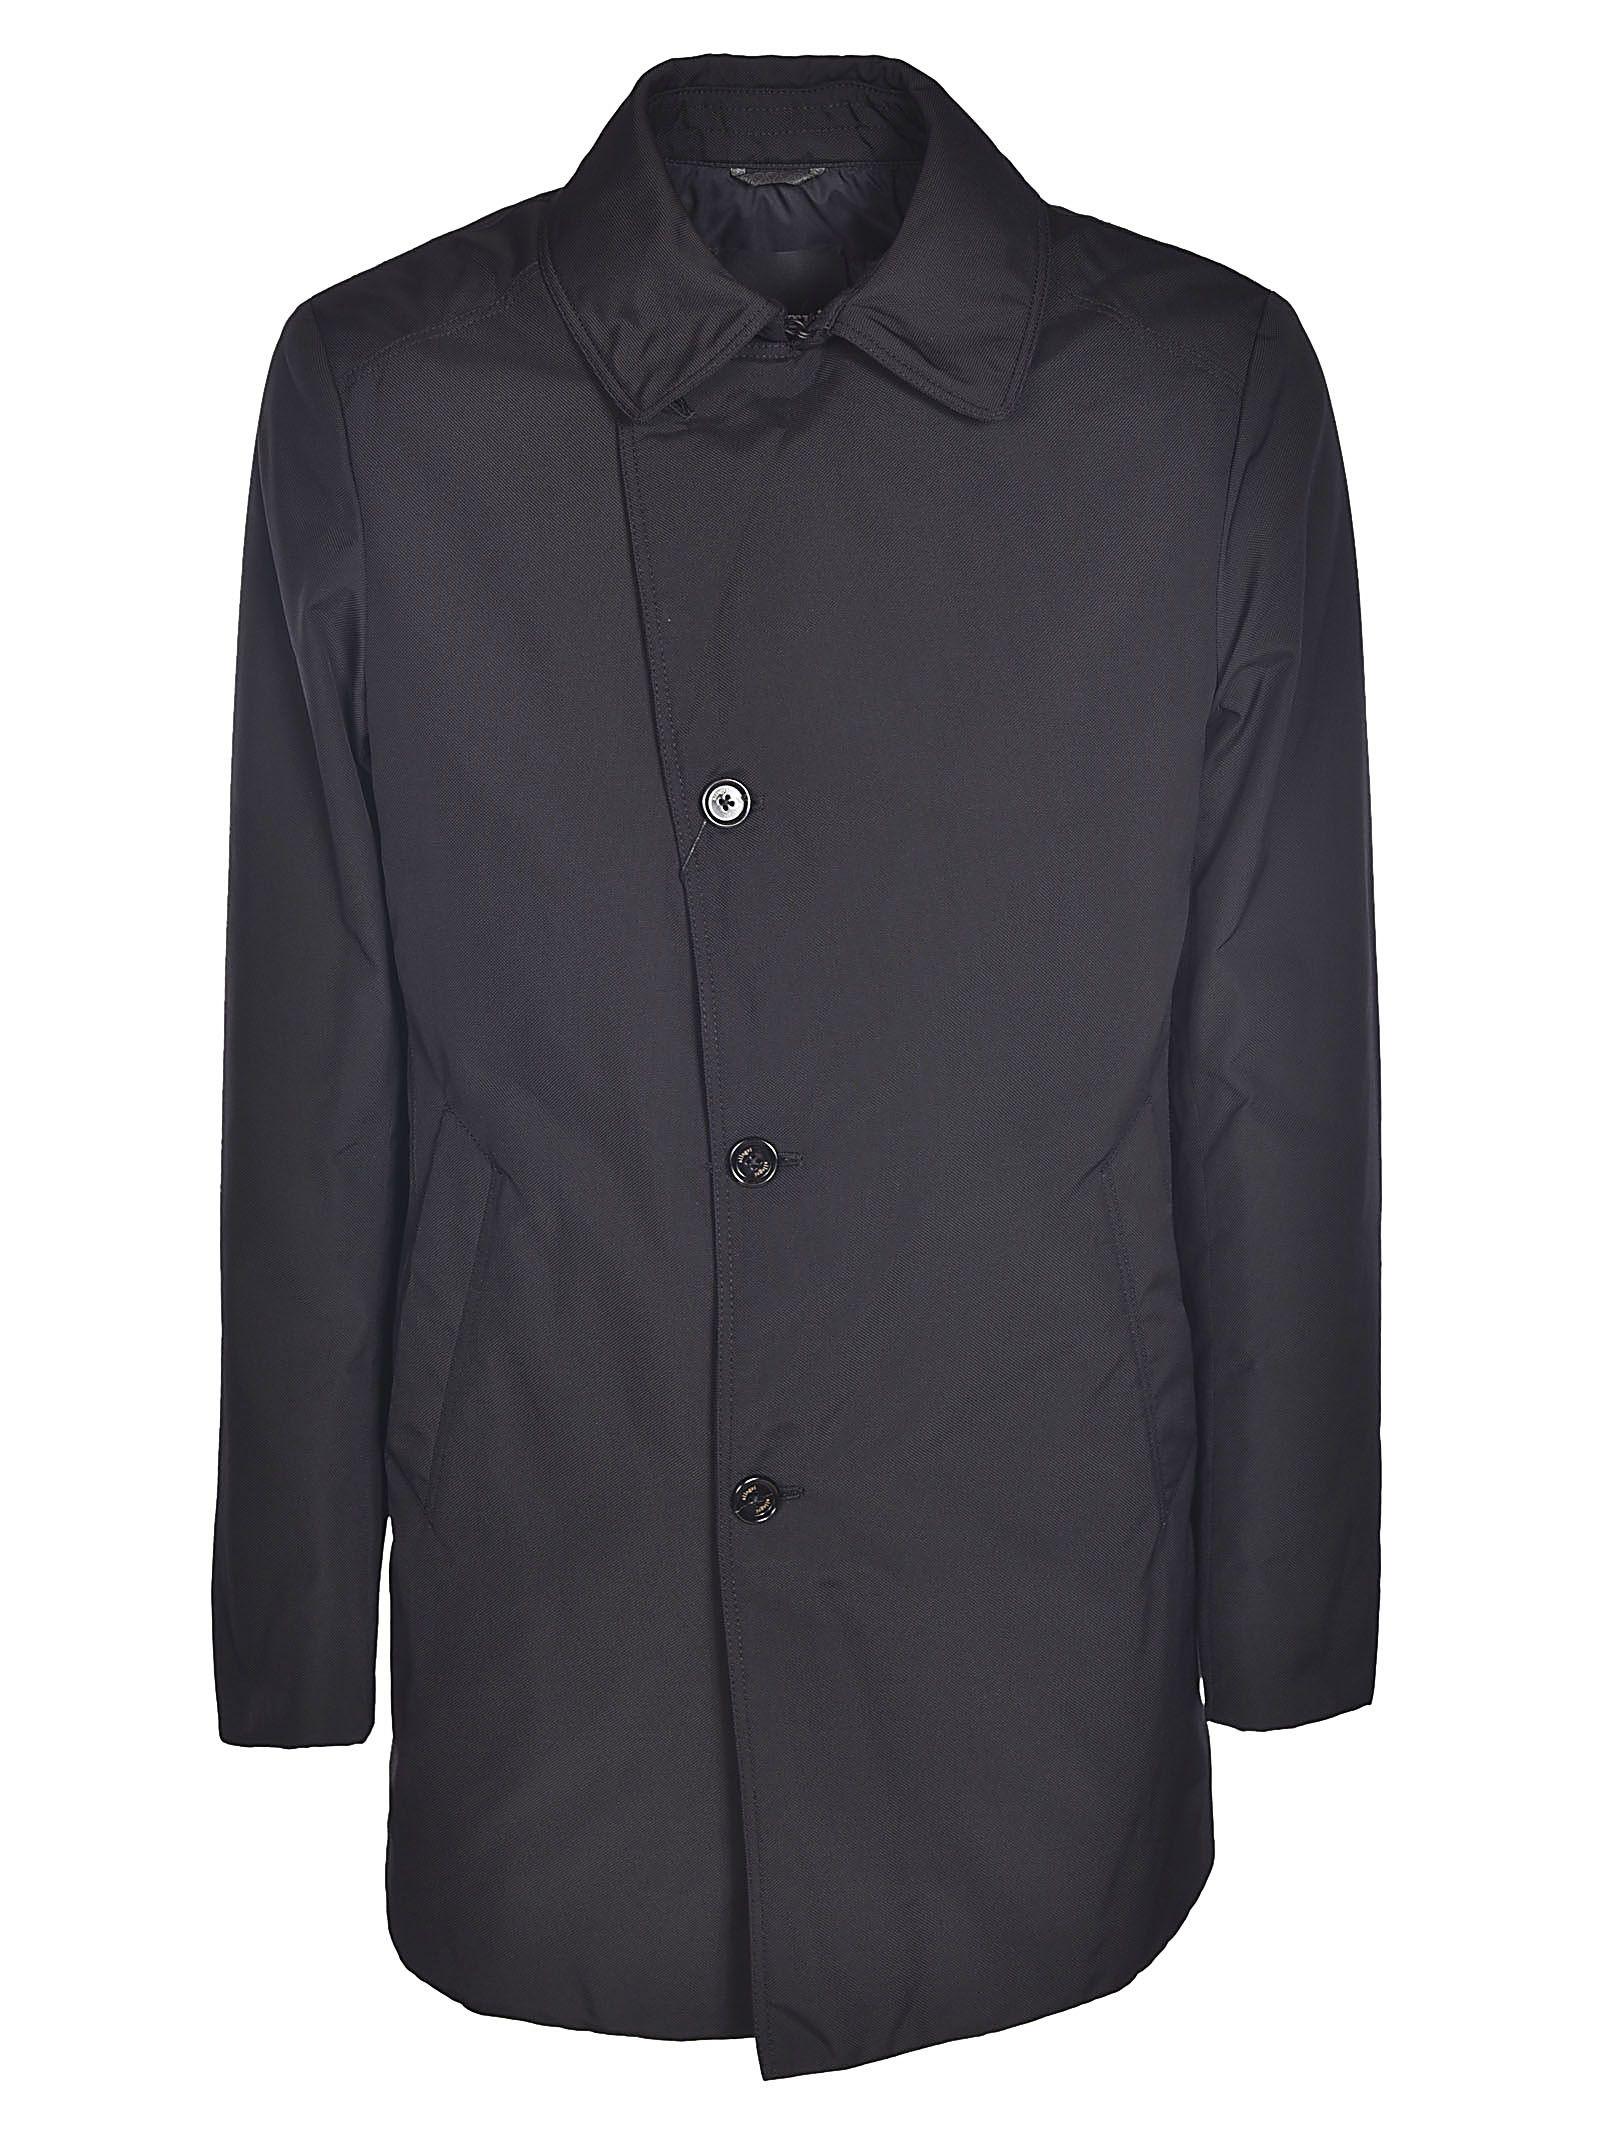 ALLEGRI Single Breasted Coat in Black